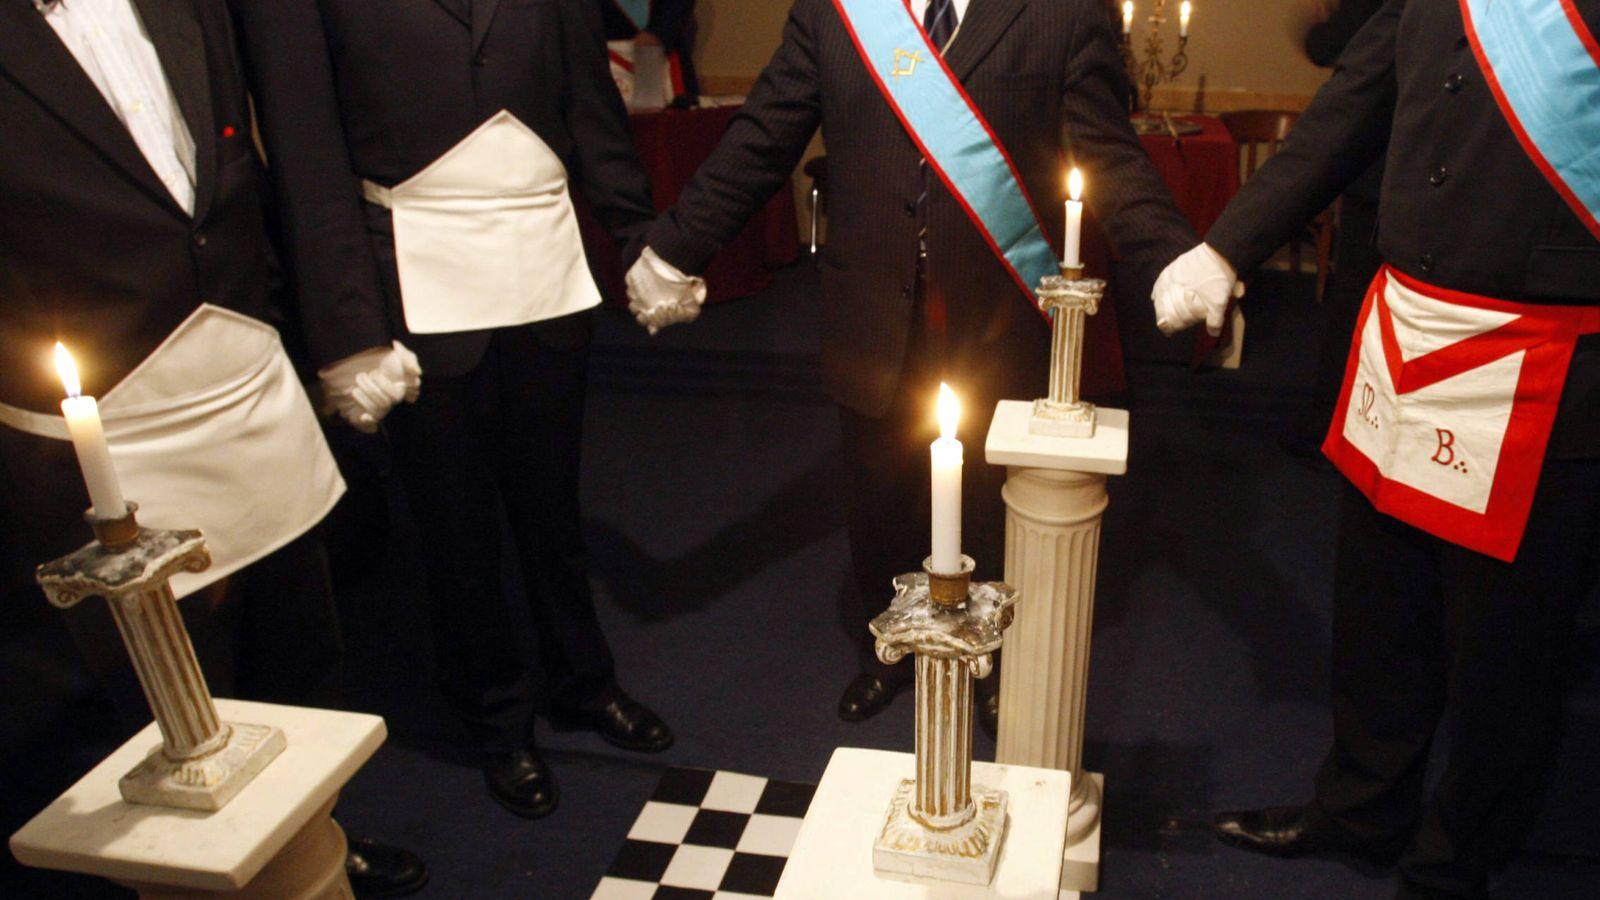 Foto: Masones franceses durante un ritual. (Reuters)